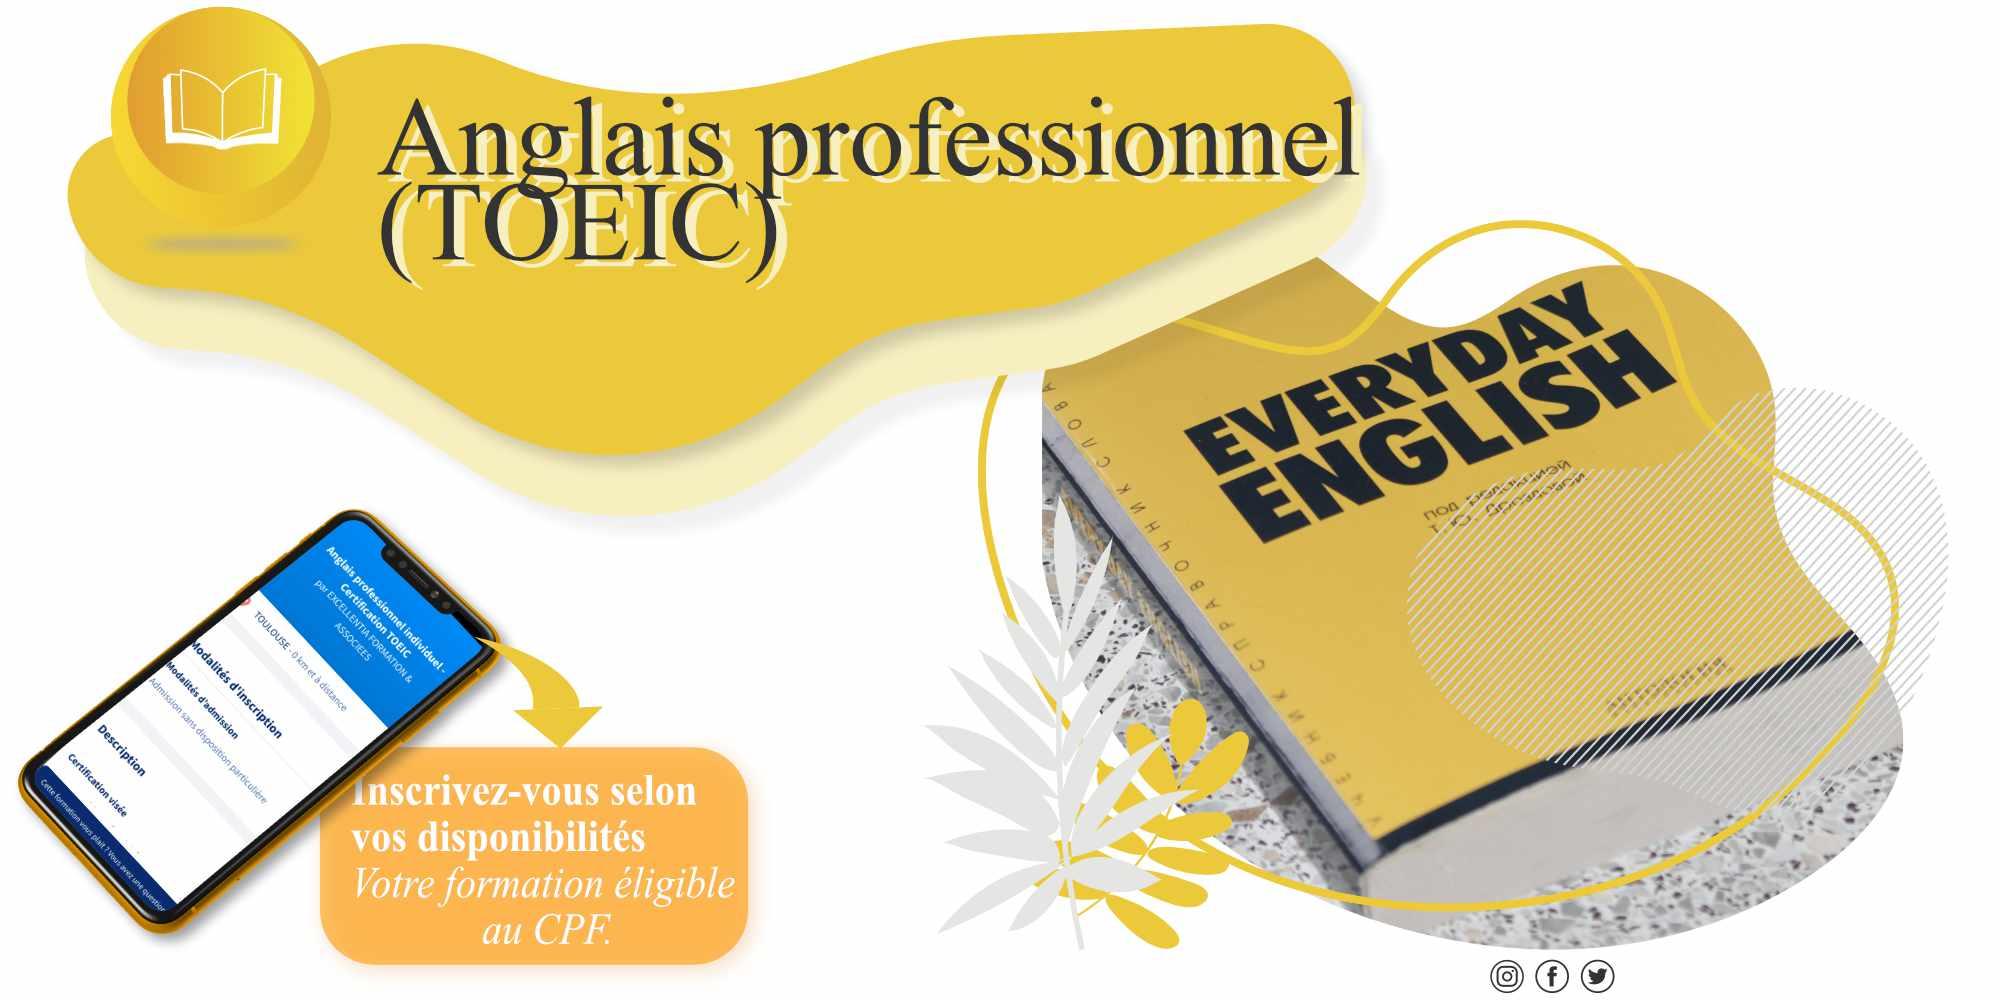 AnglaisproToeic.jpg